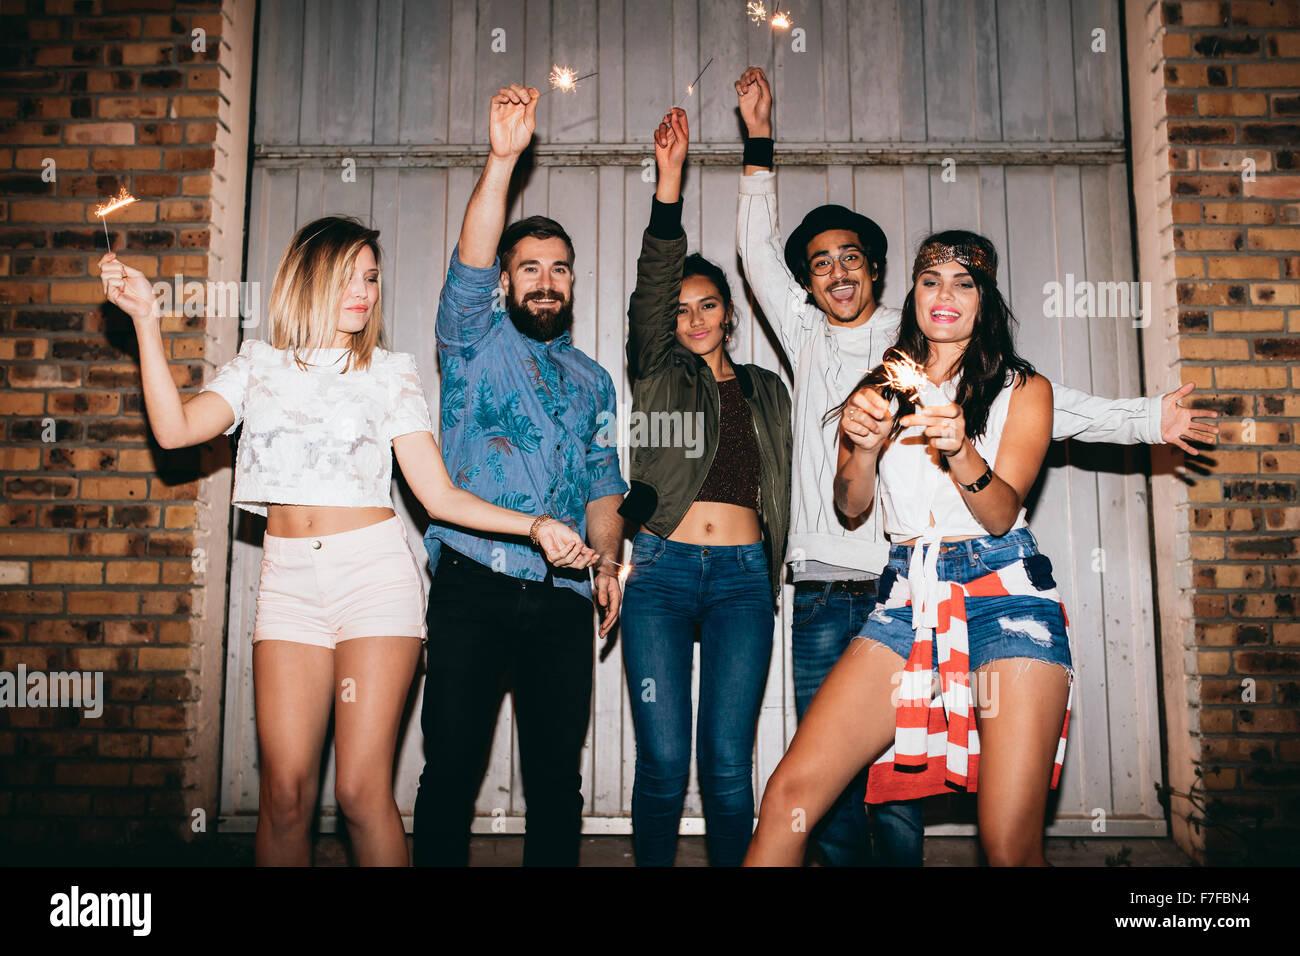 Los jóvenes feliz por la noche, celebrando con estrellitas. Jóvenes amigos, una fiesta al aire libre. Imagen De Stock